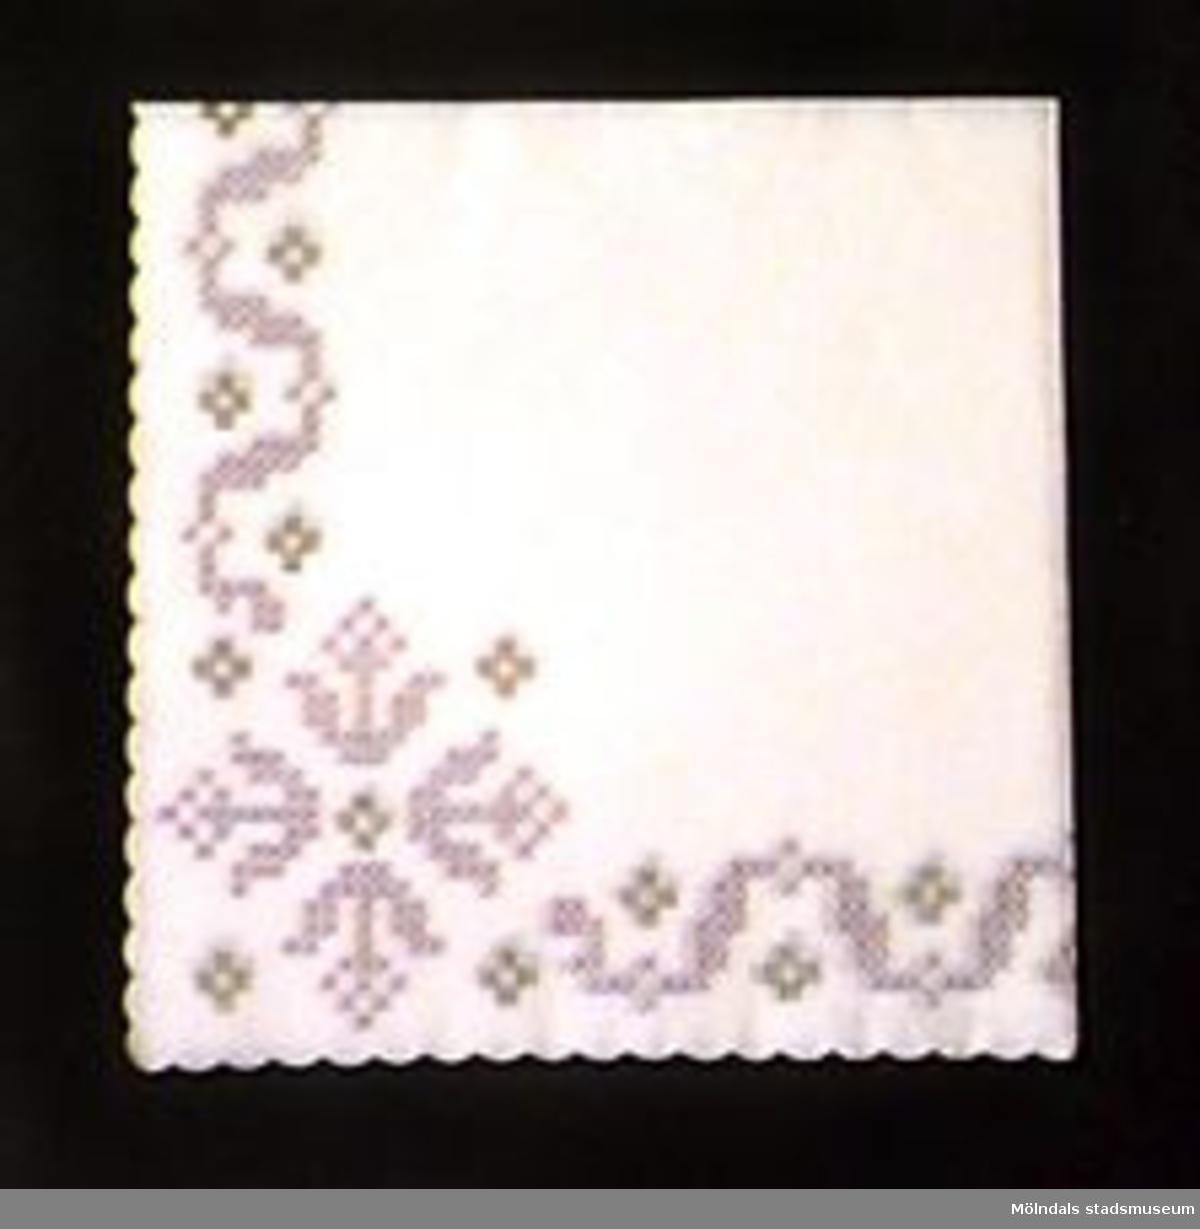 """Servetter av olika slag. Gjorda av tunt papper. Alla mått anger ihopvikt tillstånd.MM02243:1 Tre kaffeservetter. Fjärils- och blommotiv i rosa och svart på vit botten. L: 124 mm. B: 124 mm. Vågklippt kant.:2 Två kaffeservetter. Rosdekor rött och svart på vit botten. L: 120 mm. B: 120 mm. Vågklippt kant.:3 En kaffeservett. Enkel blomsterrand i rött (blommmor), grönt (blad) och brunt(kvistar) på vit botten. L: 150 mm. B:155 mm.:4 Sex julservetter. Grön och röd grankvist- och blomdekor på vit botten med små röda stjärnor på. L: 180 mm. B: 180 mm.:5 Två servetter. Gröna med stora, röd/rosa blommor och gulddekor. Vit kant. L: 180 mm.B: 180 mm.:6 Åtta påskservetter. Påskkäring samt texten """"Glad Påsk!"""" som dekor i gult, vitt och grönt på vit botten. L: 170 mm. B: 170 mm.:7 Fem påskservetter. Påskliljedekor i gult, grönt, blått och brunt på vit botten. L: 180 mm. B: 180 mm.:8 Sju vita servetter med grått korsstygnsmönster tryckt längs kanten och små guldkors. L:170 mm. B: 170 mm. Vågad kant.:9 Sju servetter med en röd kräfta och gröna dillkvistar som dekor i hörnet på vit botten. L: 190 mm. B: 190 mm. Några lite gulfläckade."""